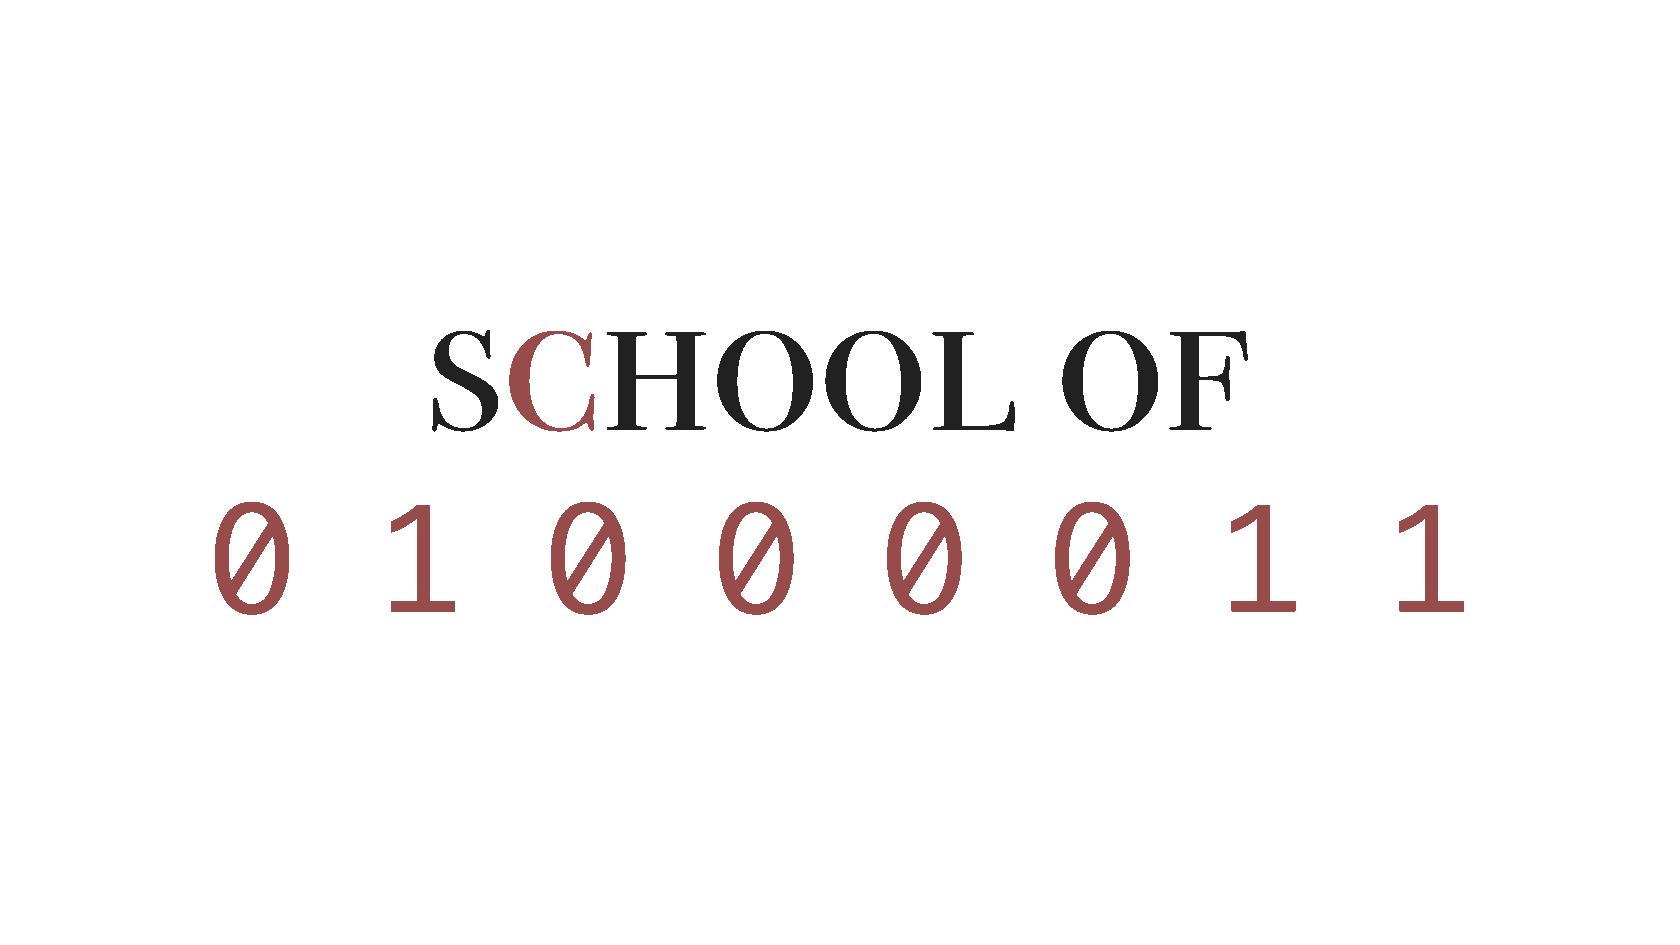 School of C